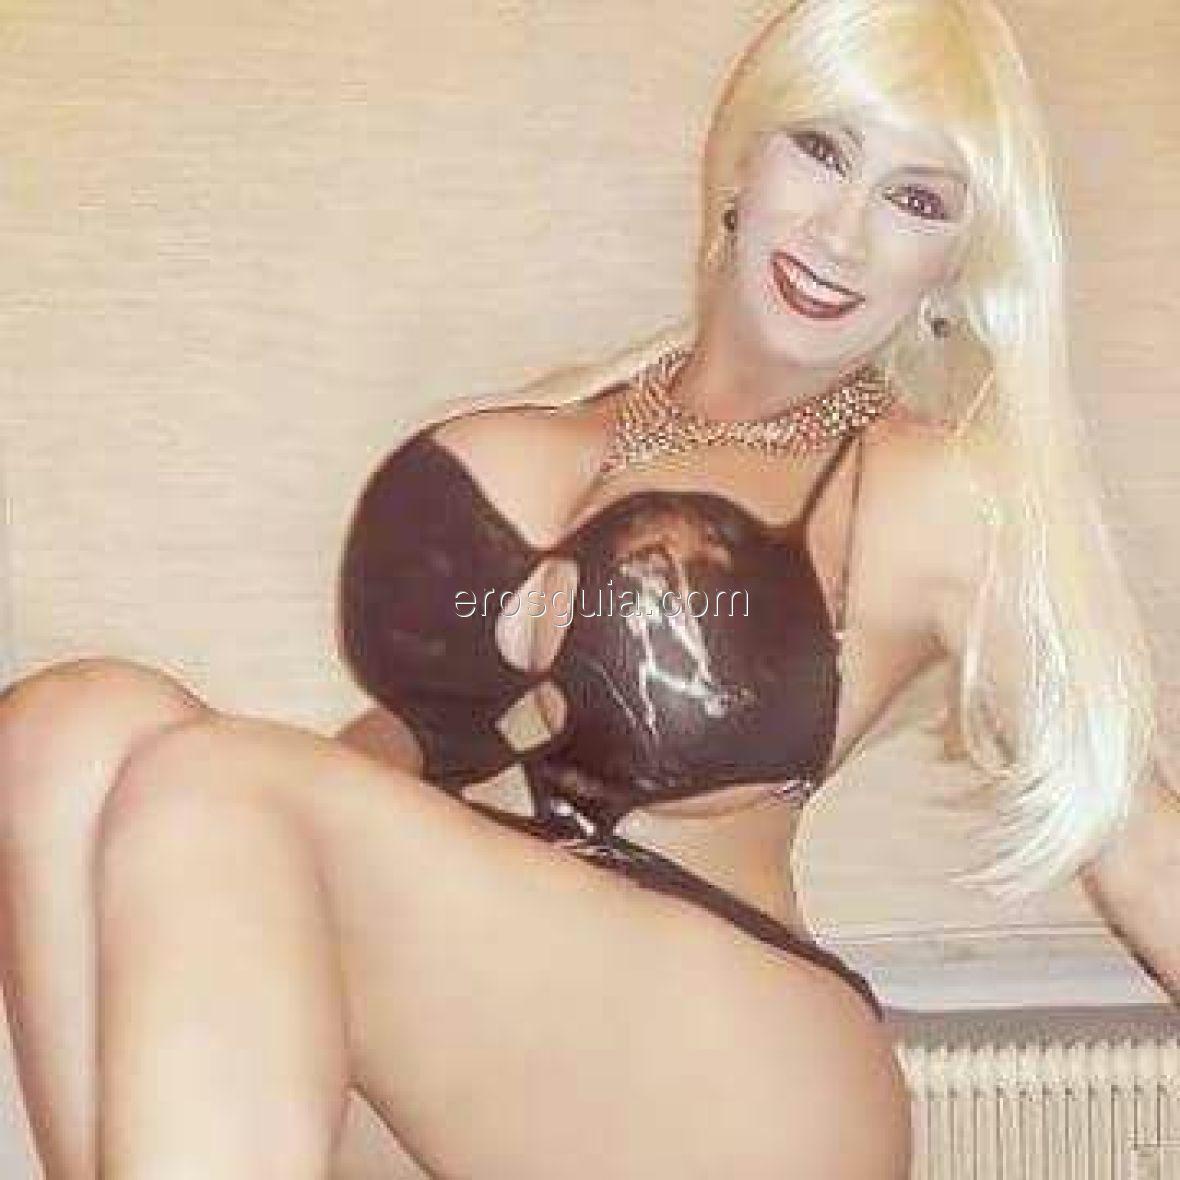 Faccio travestitismo e ho molti giochetti, intimo e parrucche per giocare